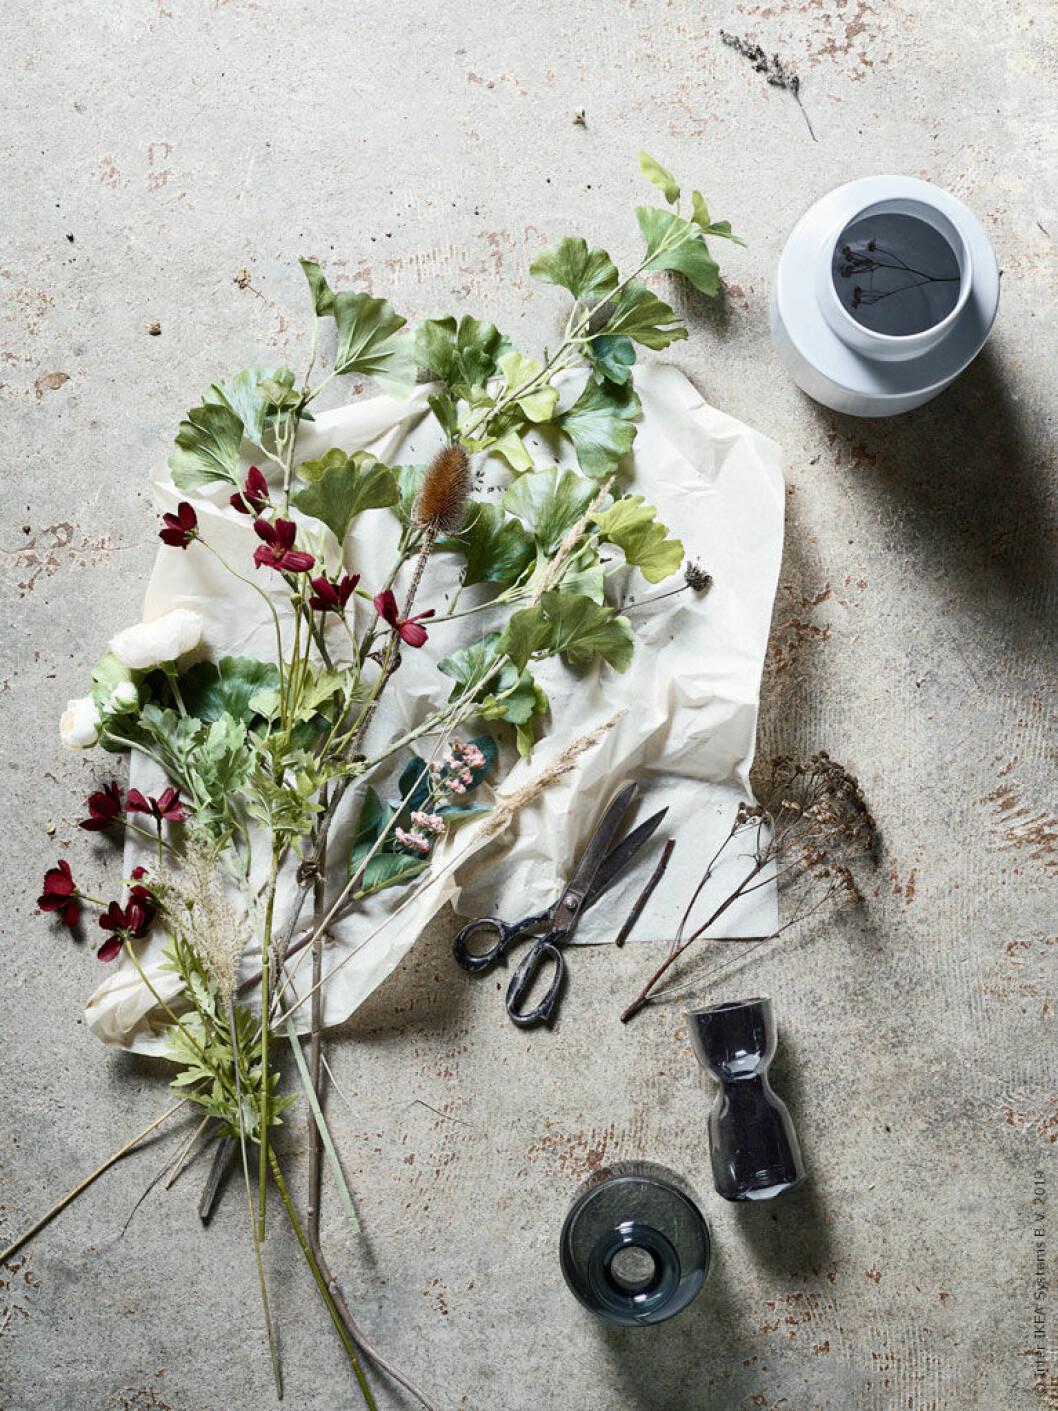 Vissnande växter kan också vara vackra, lär vi oss av Ikebana